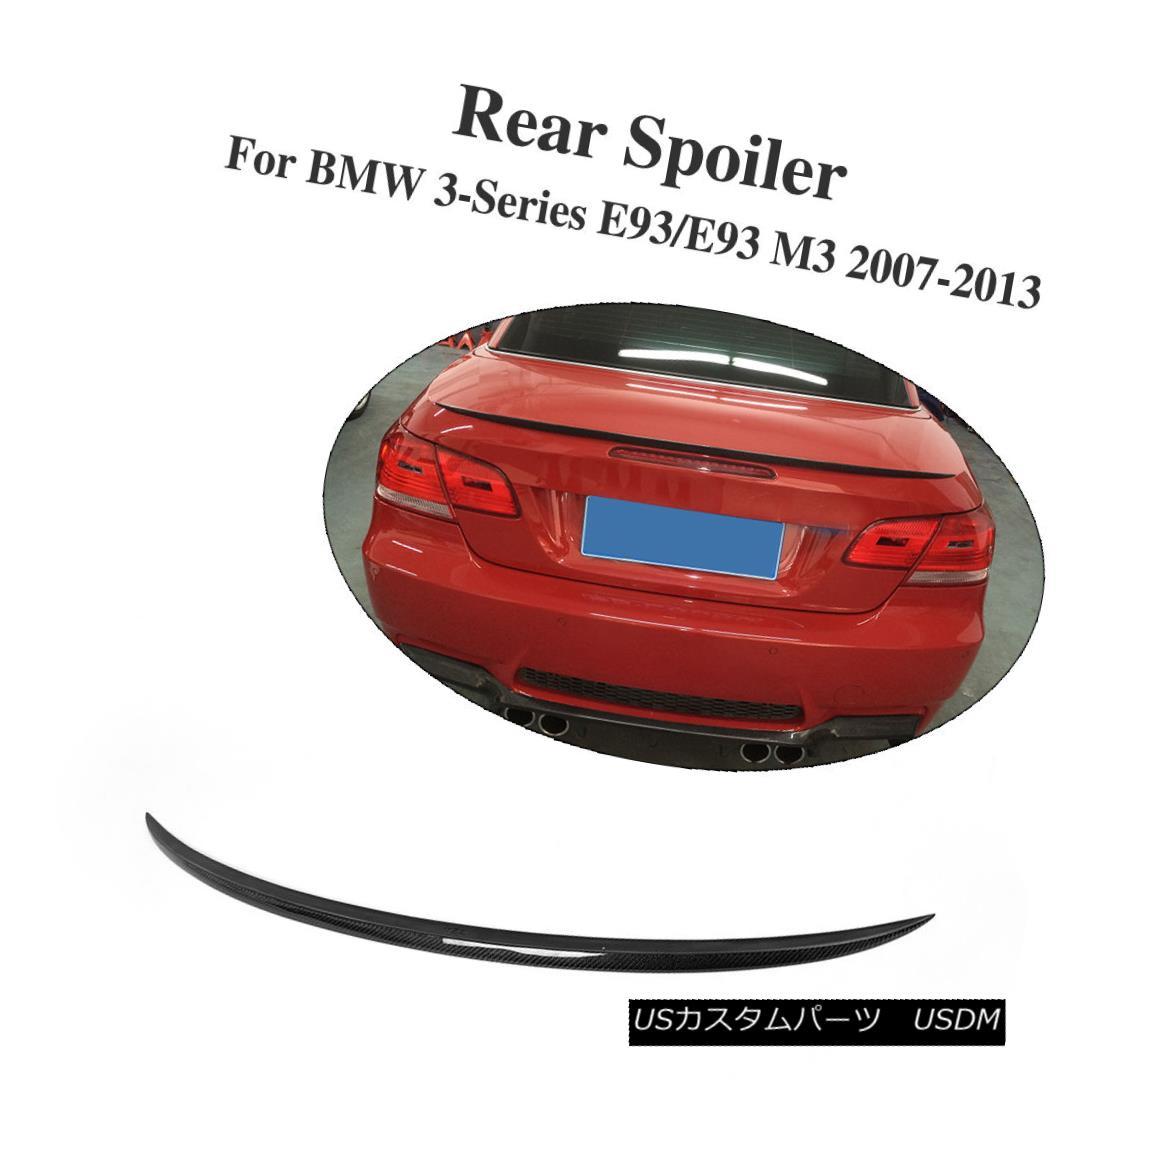 エアロパーツ Carbon Fiber Auto Trunk Spoiler Lip Wing Fit For BMW E93 M3 Convertible 07-13 カーボンファイバーオートマチックトランクスポイラーリップウイングBMW E93 M3 Convertible 07-13